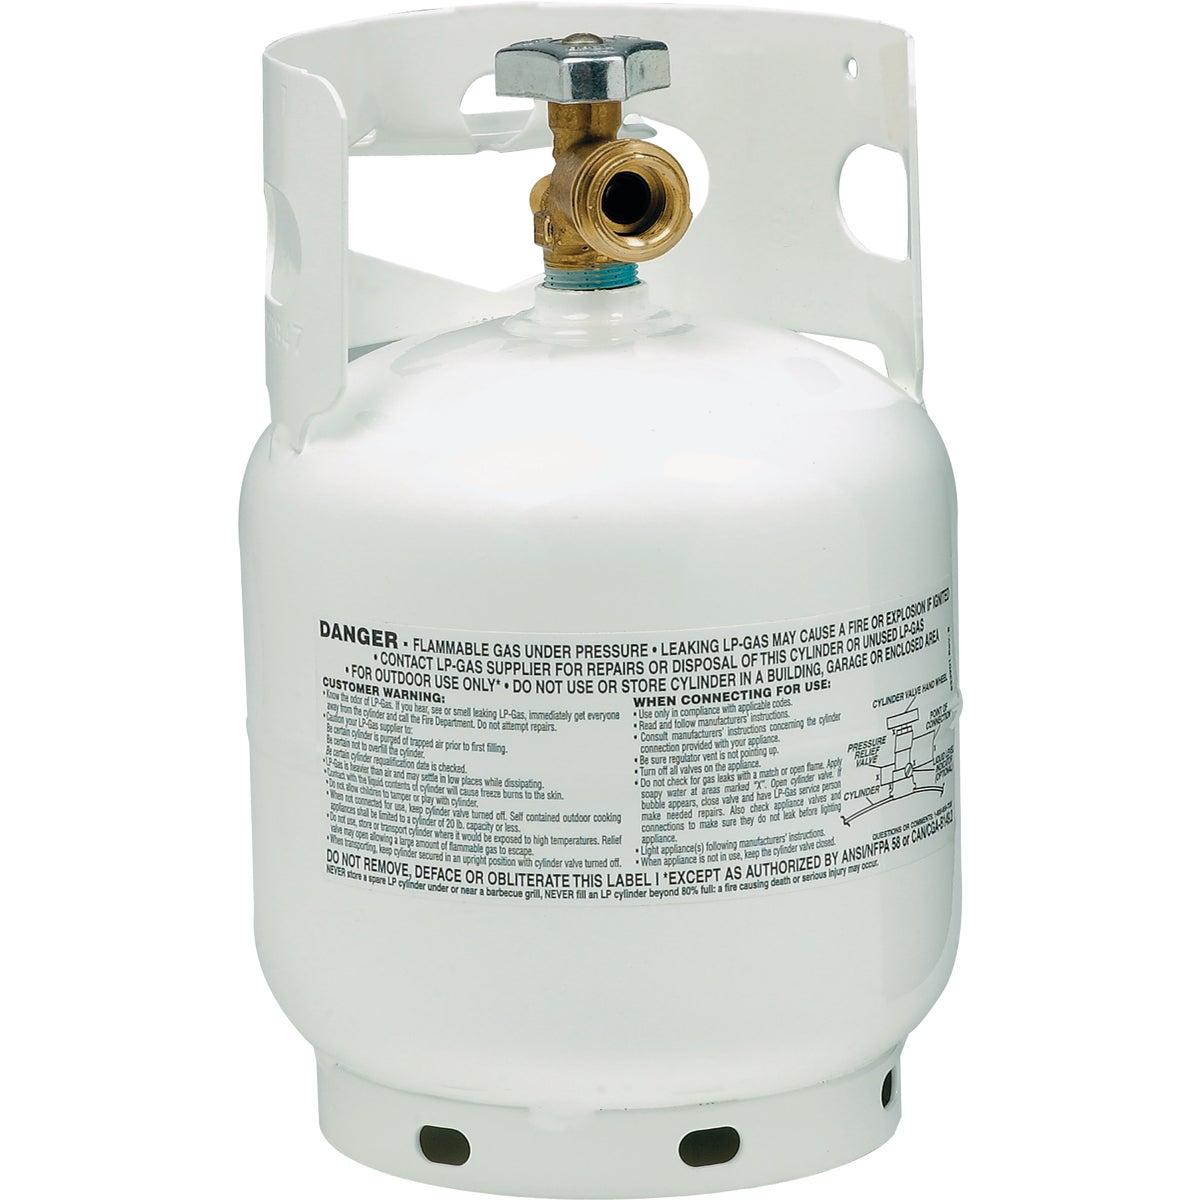 4.25LB PROPANE CYLINDER - 281149 by Worthington Cylinder